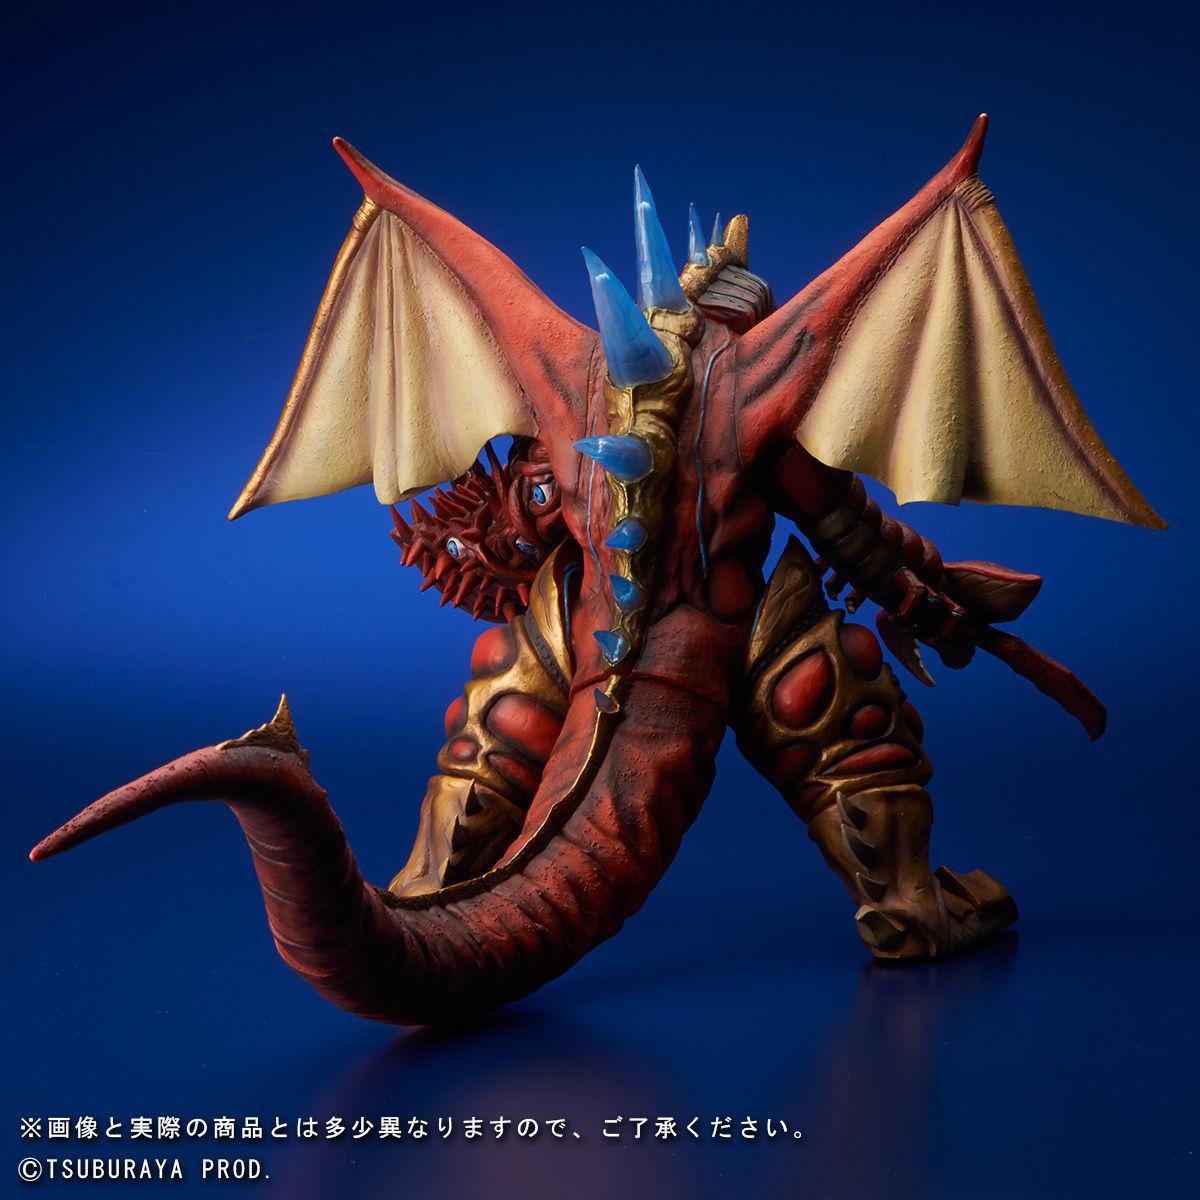 大怪獣シリーズ ULTRA NEW GENERATION『ファイブキング(発光Ver.)』ウルトラマンギンガS 完成品フィギュア-003